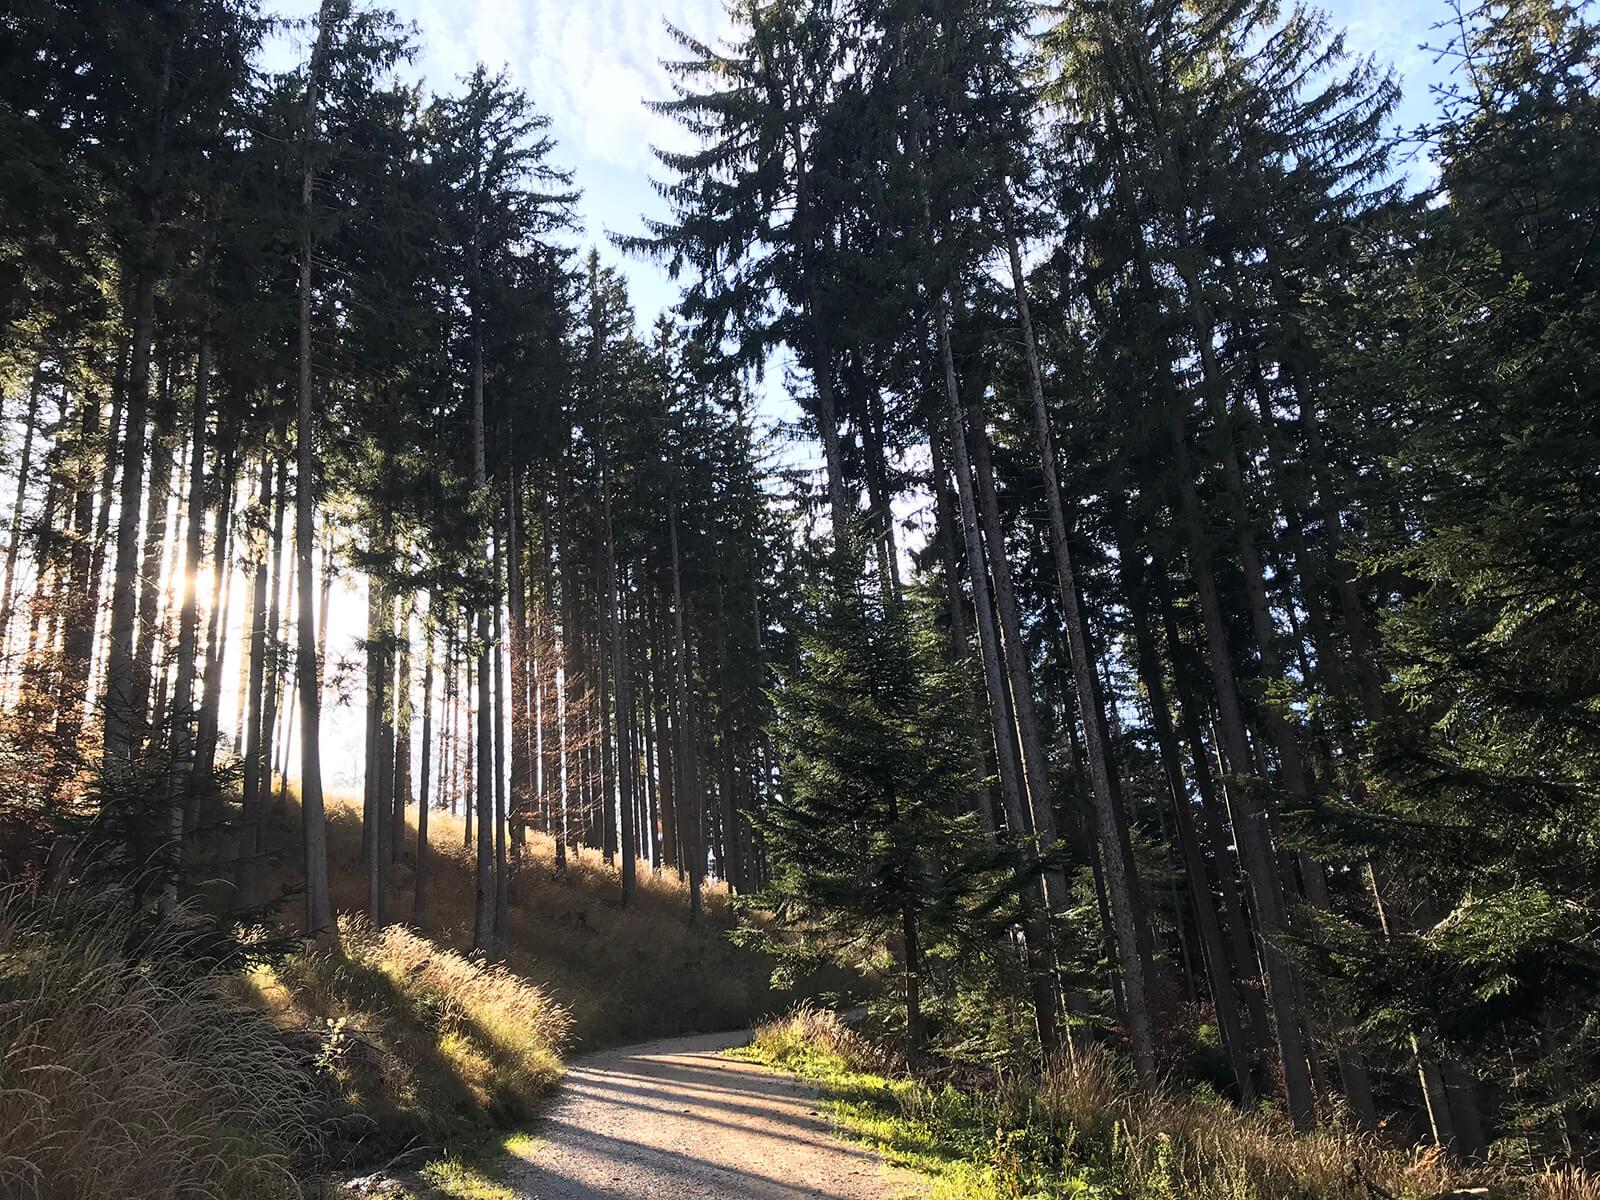 HourAway Best cyclying tours in Slovenia Slovenian Tuscany Goriska Brda